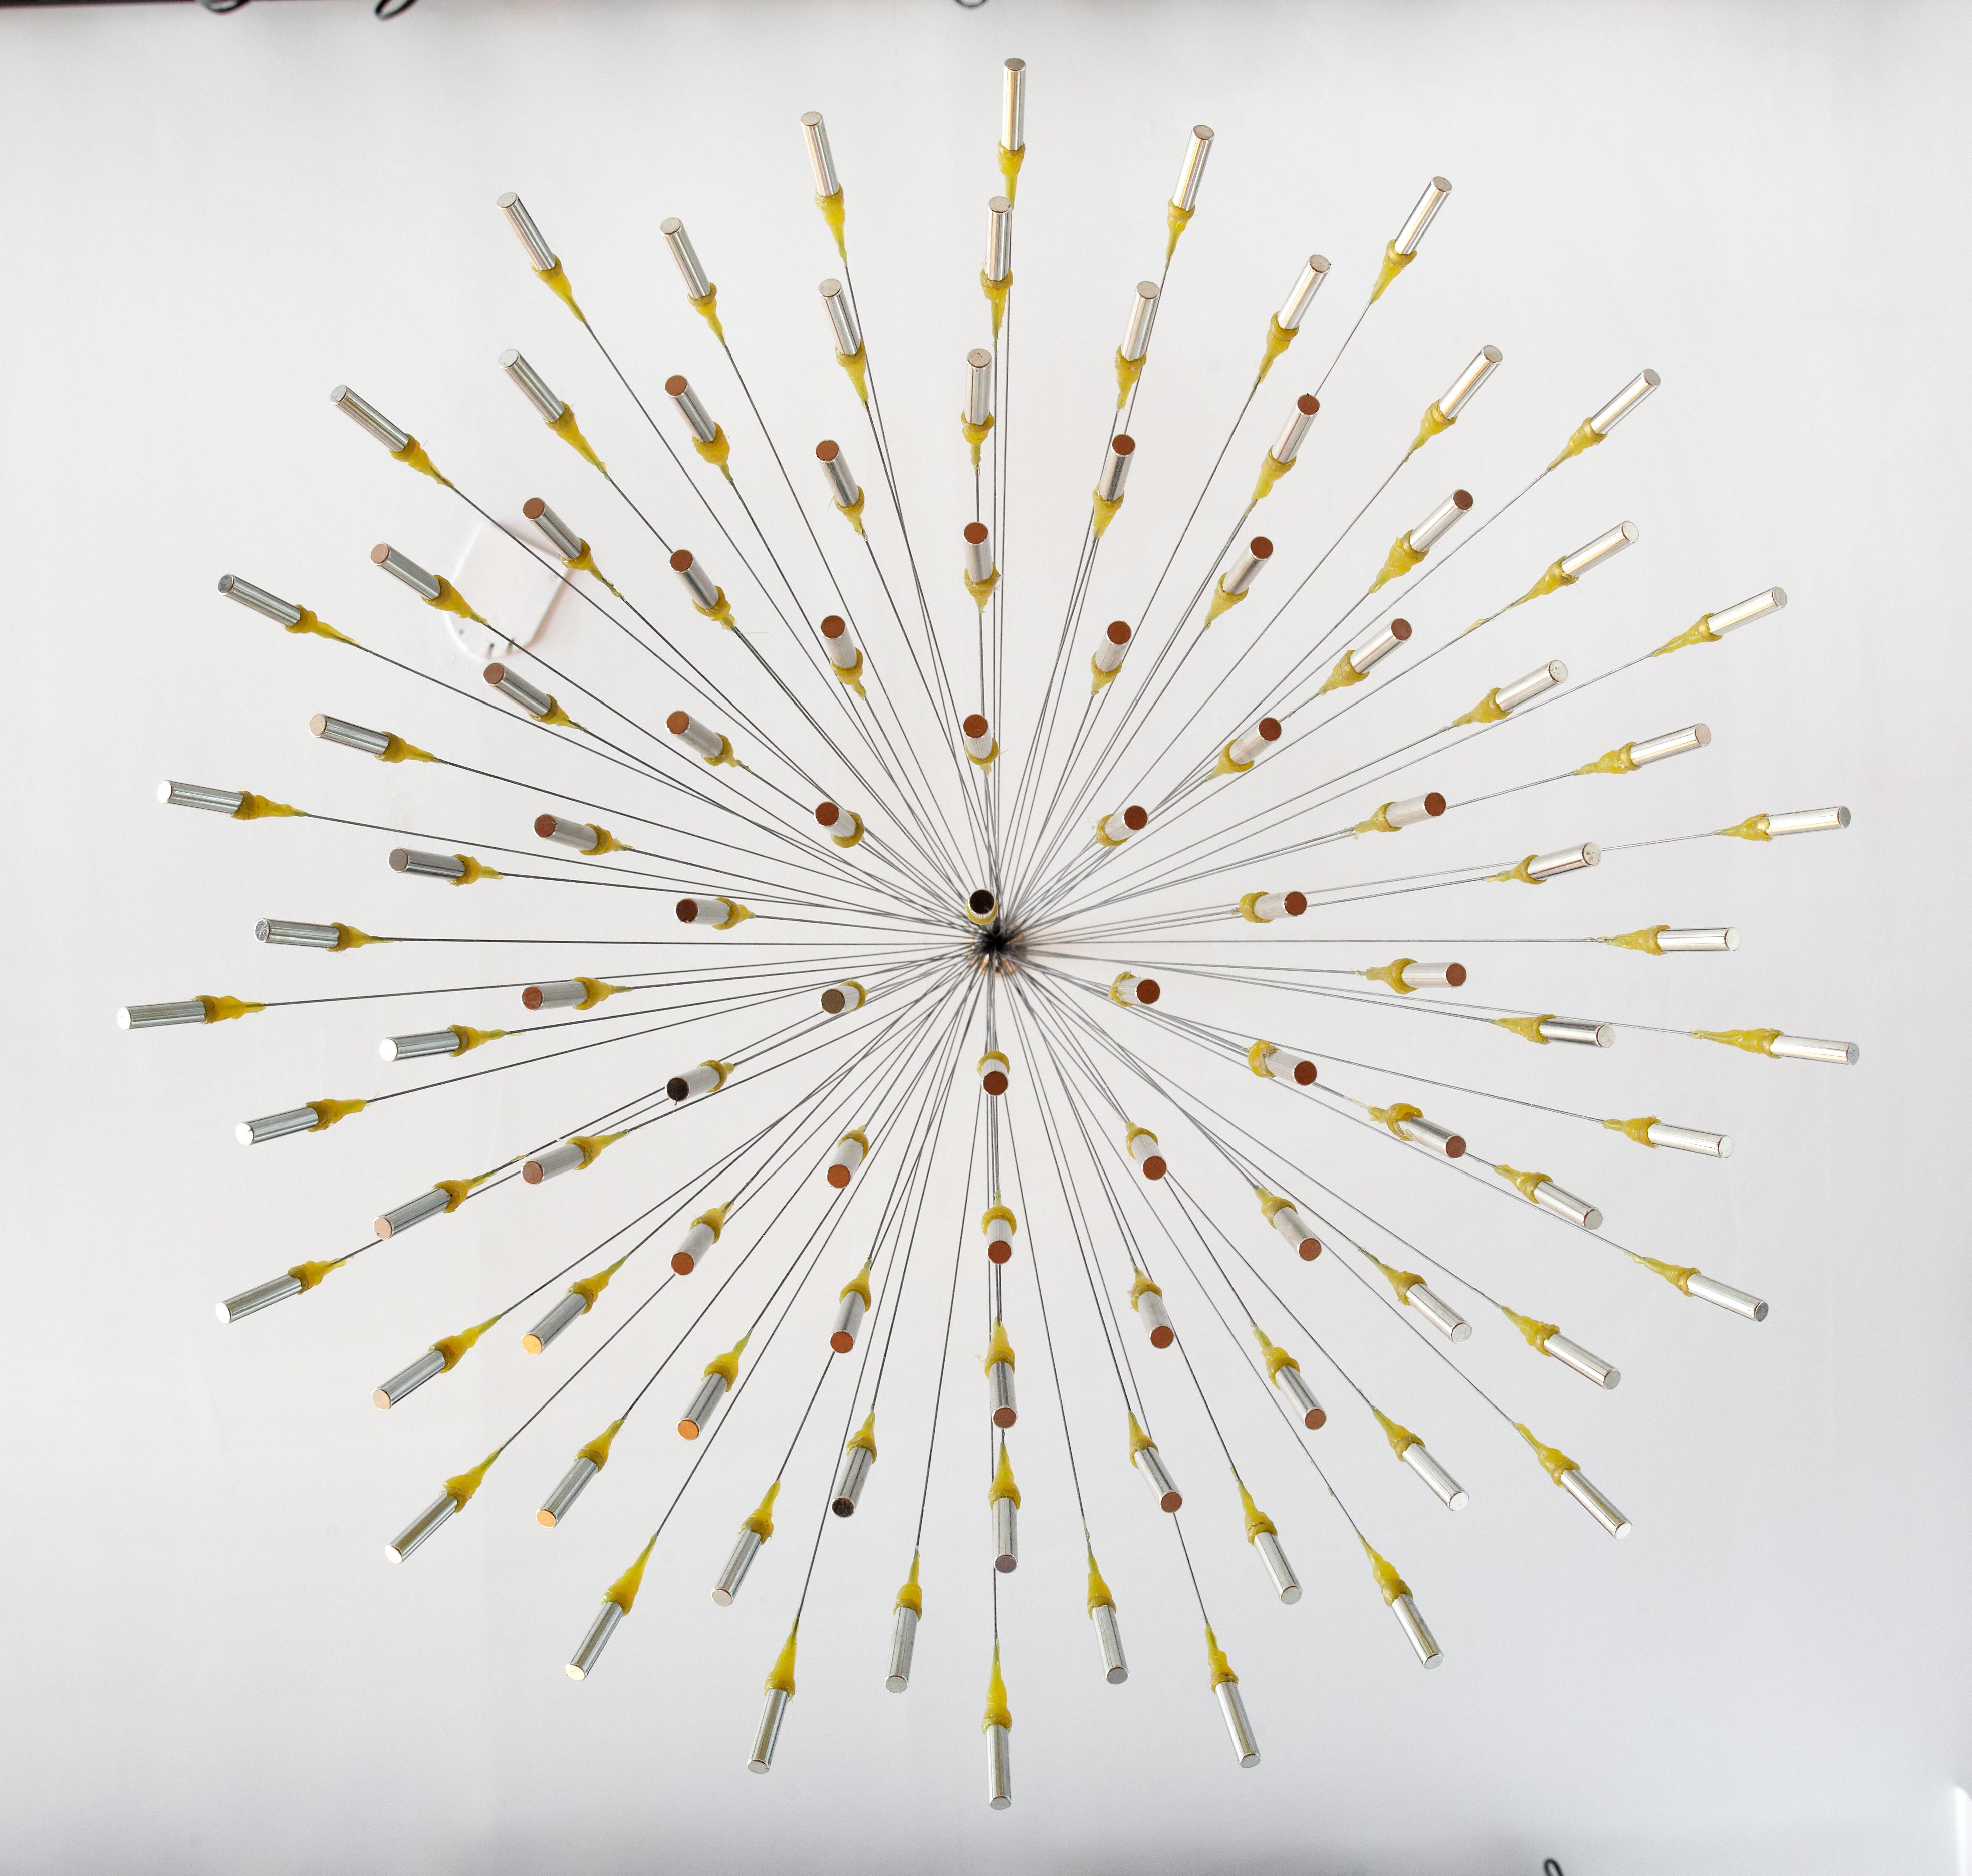 untitled (101 v.2), detail 2011